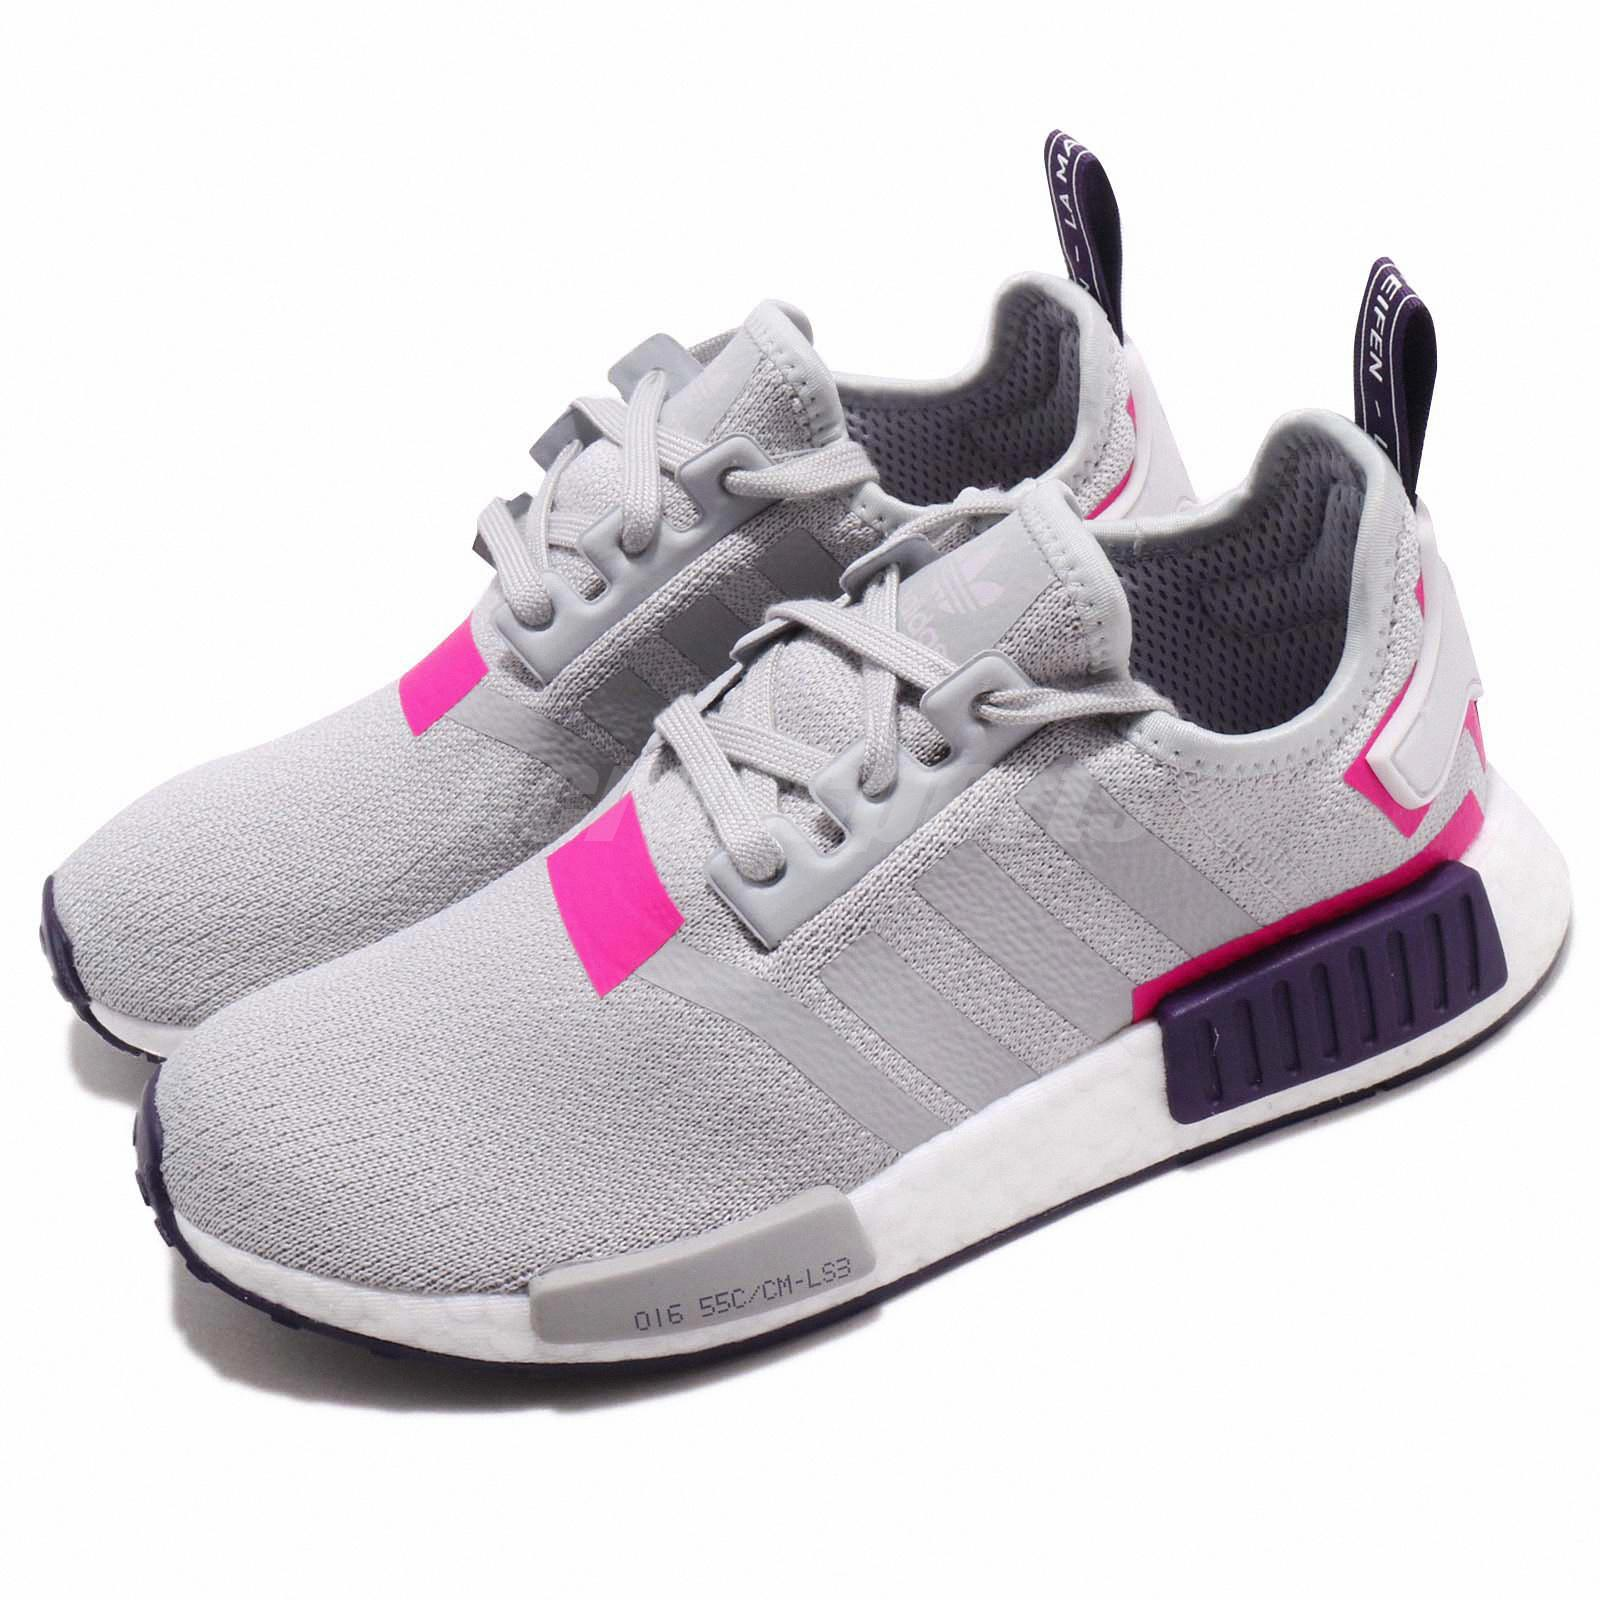 Mujer Adidas Originals NMD_R1 Dos Gris, Rosa Shock Zapatillas BD8006